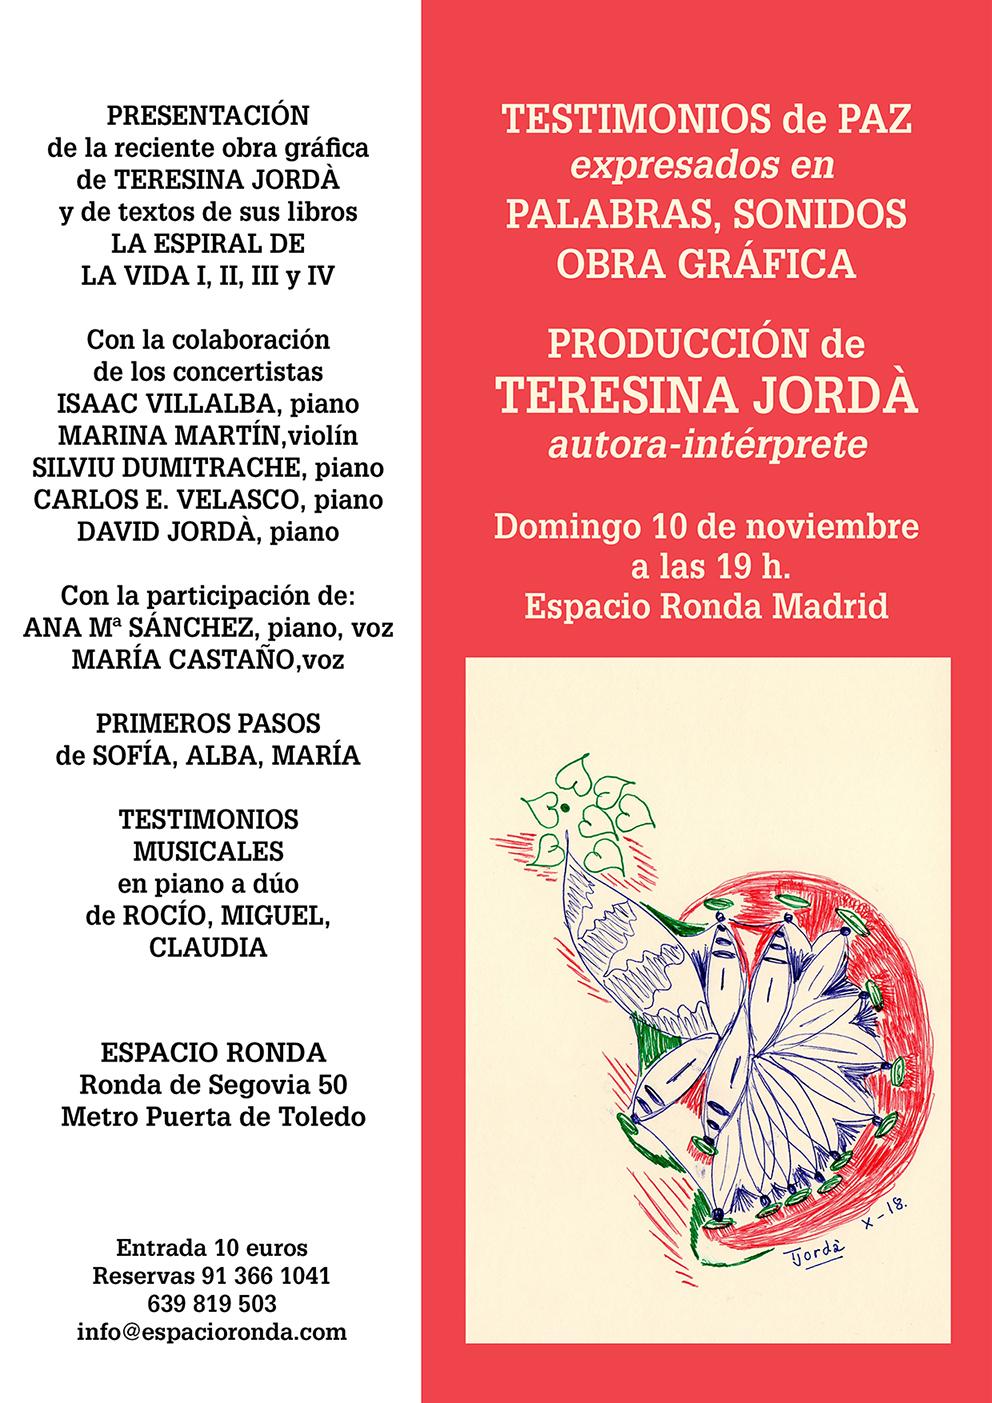 TESTIMONIO DE PAZ expresados en PALABRAS, SONIDOS, OBRA GRÁFICA